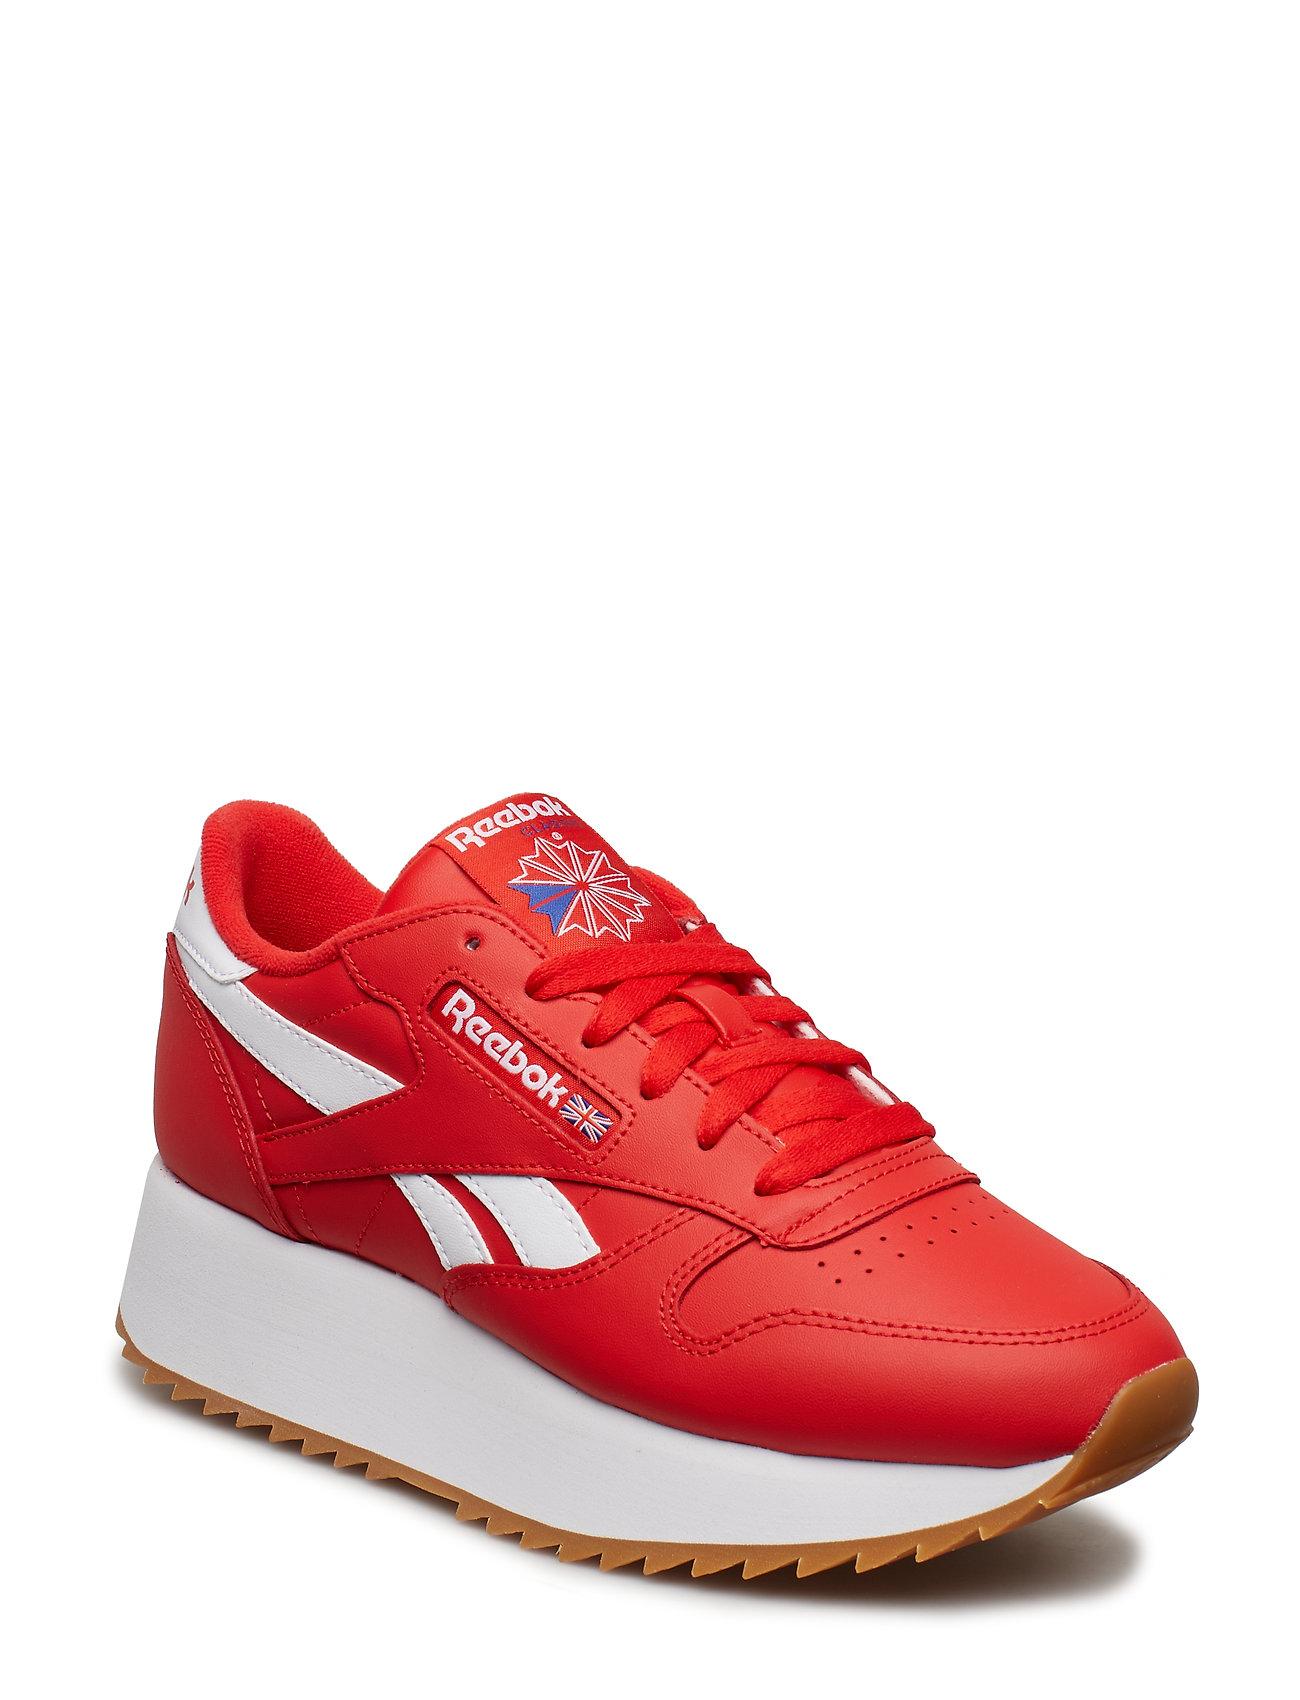 REEBOK Cl Lthr Double Niedrige Sneaker Rot REEBOK CLASSICS